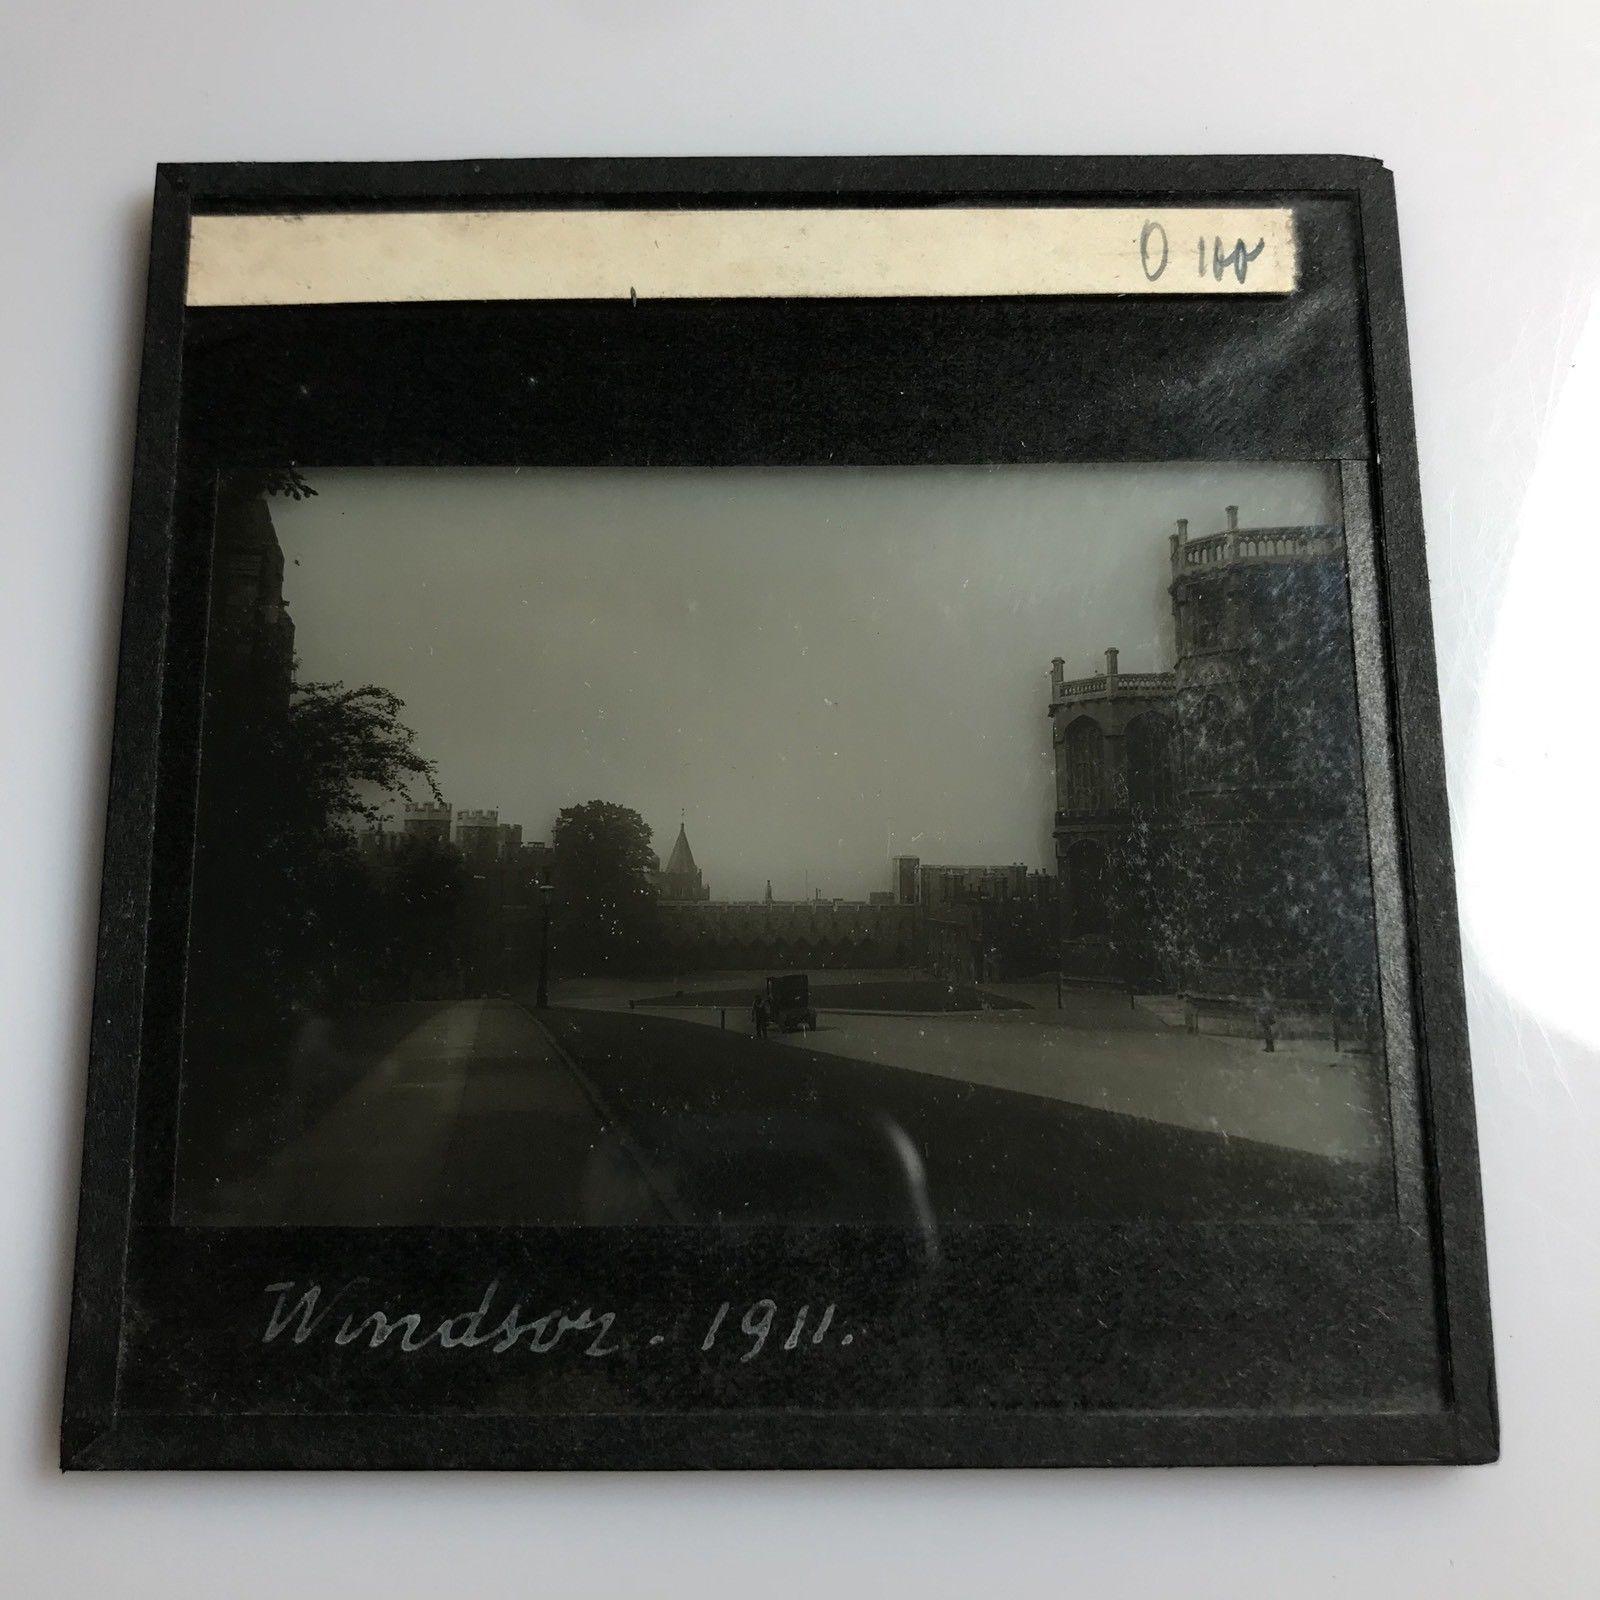 Windsor Castle Dated 1911 Old Car Antique Magic Lantern Glass Slide Photo